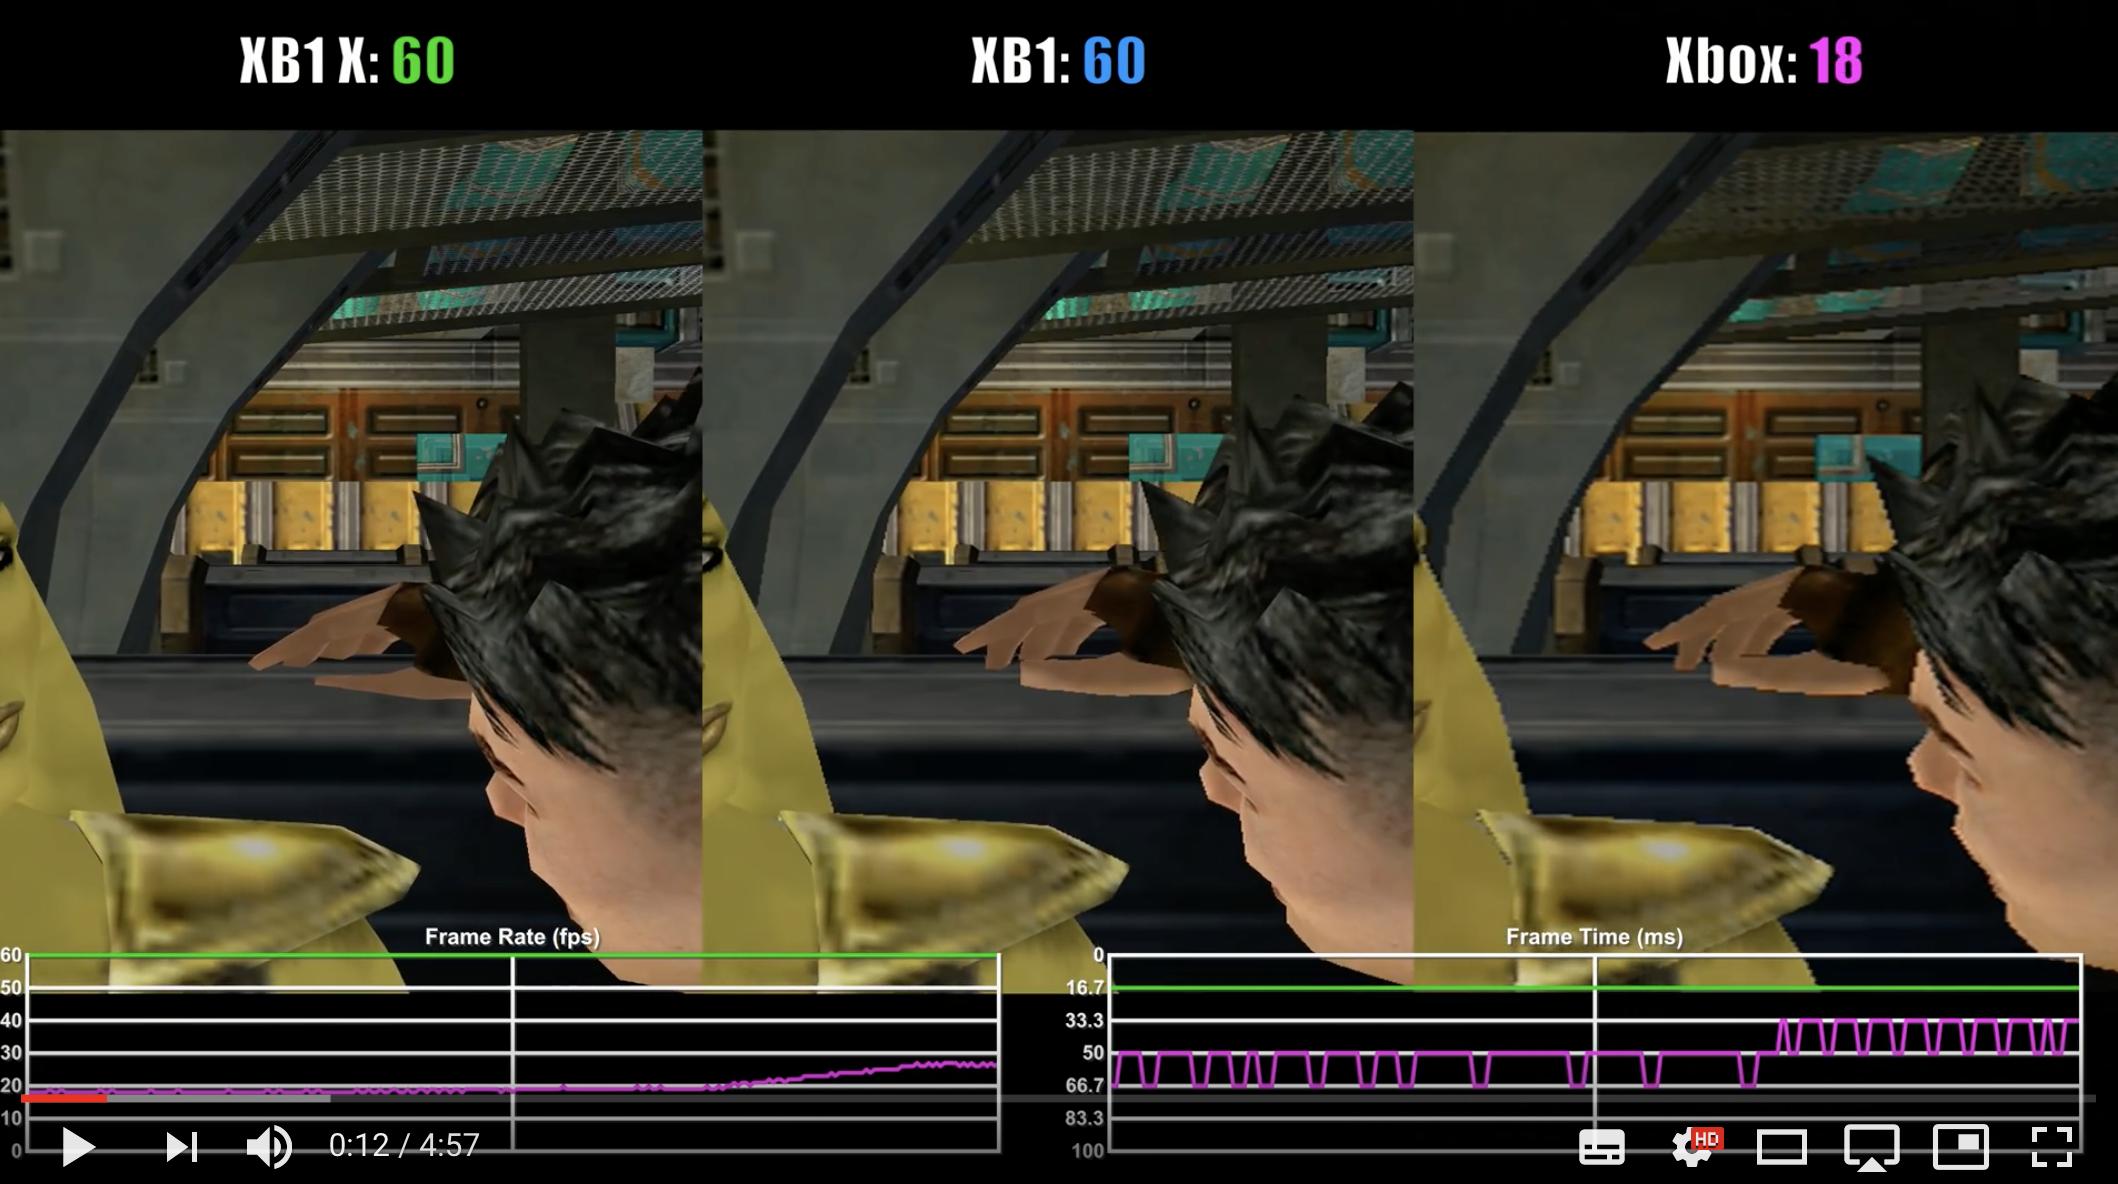 Jedi Academy Xbox One X vs Xbox One vs Original Xbox Backwards ...